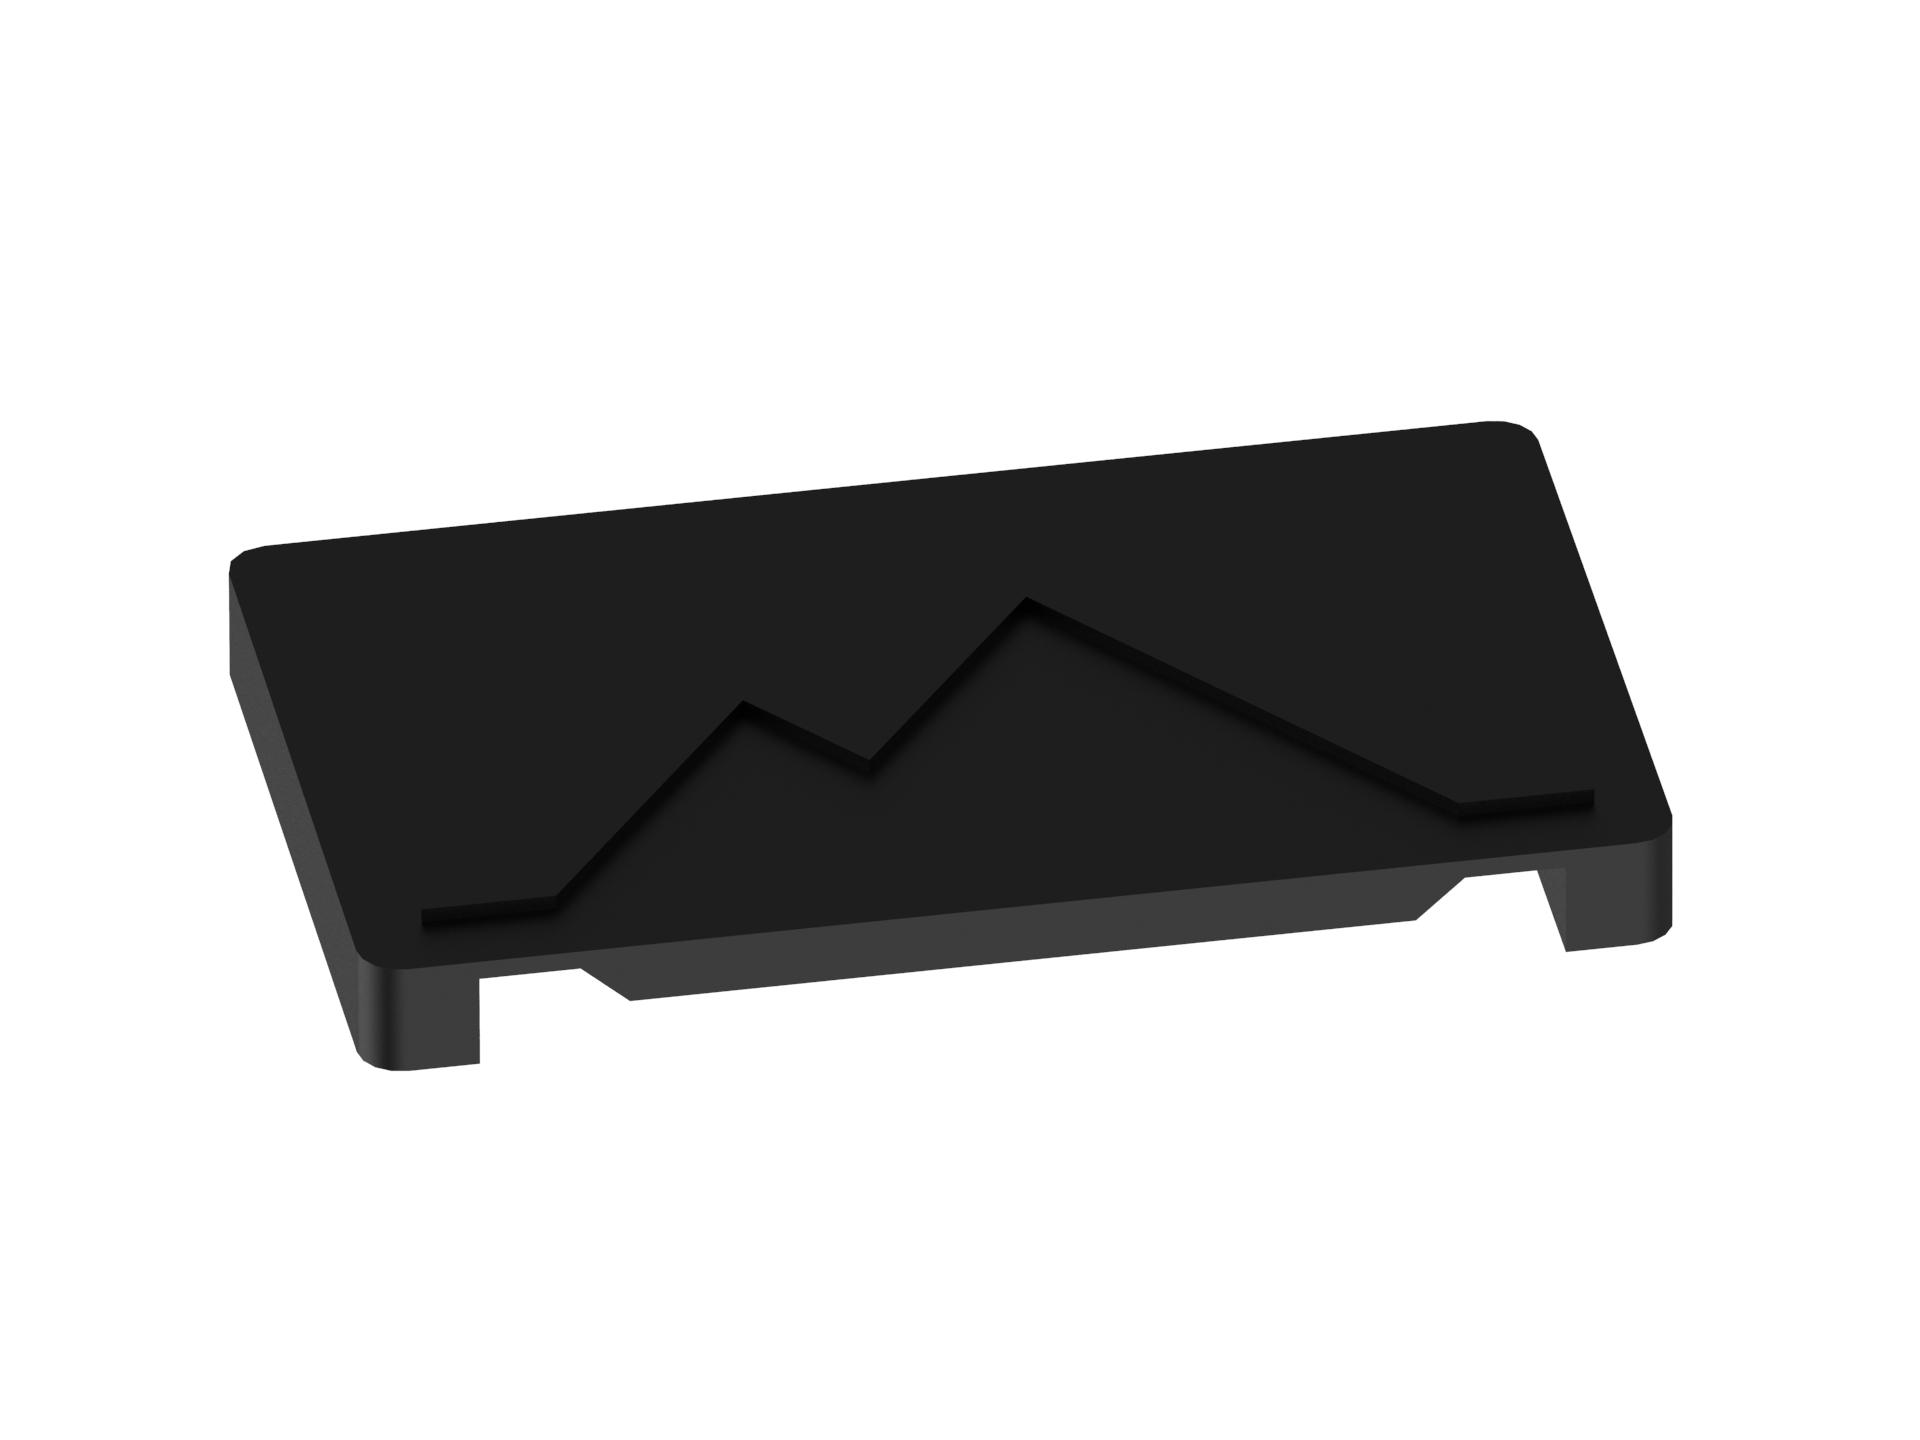 Mountix Kontaktschutz für Bosch Intuvia + Nyon Display (bis 2020)